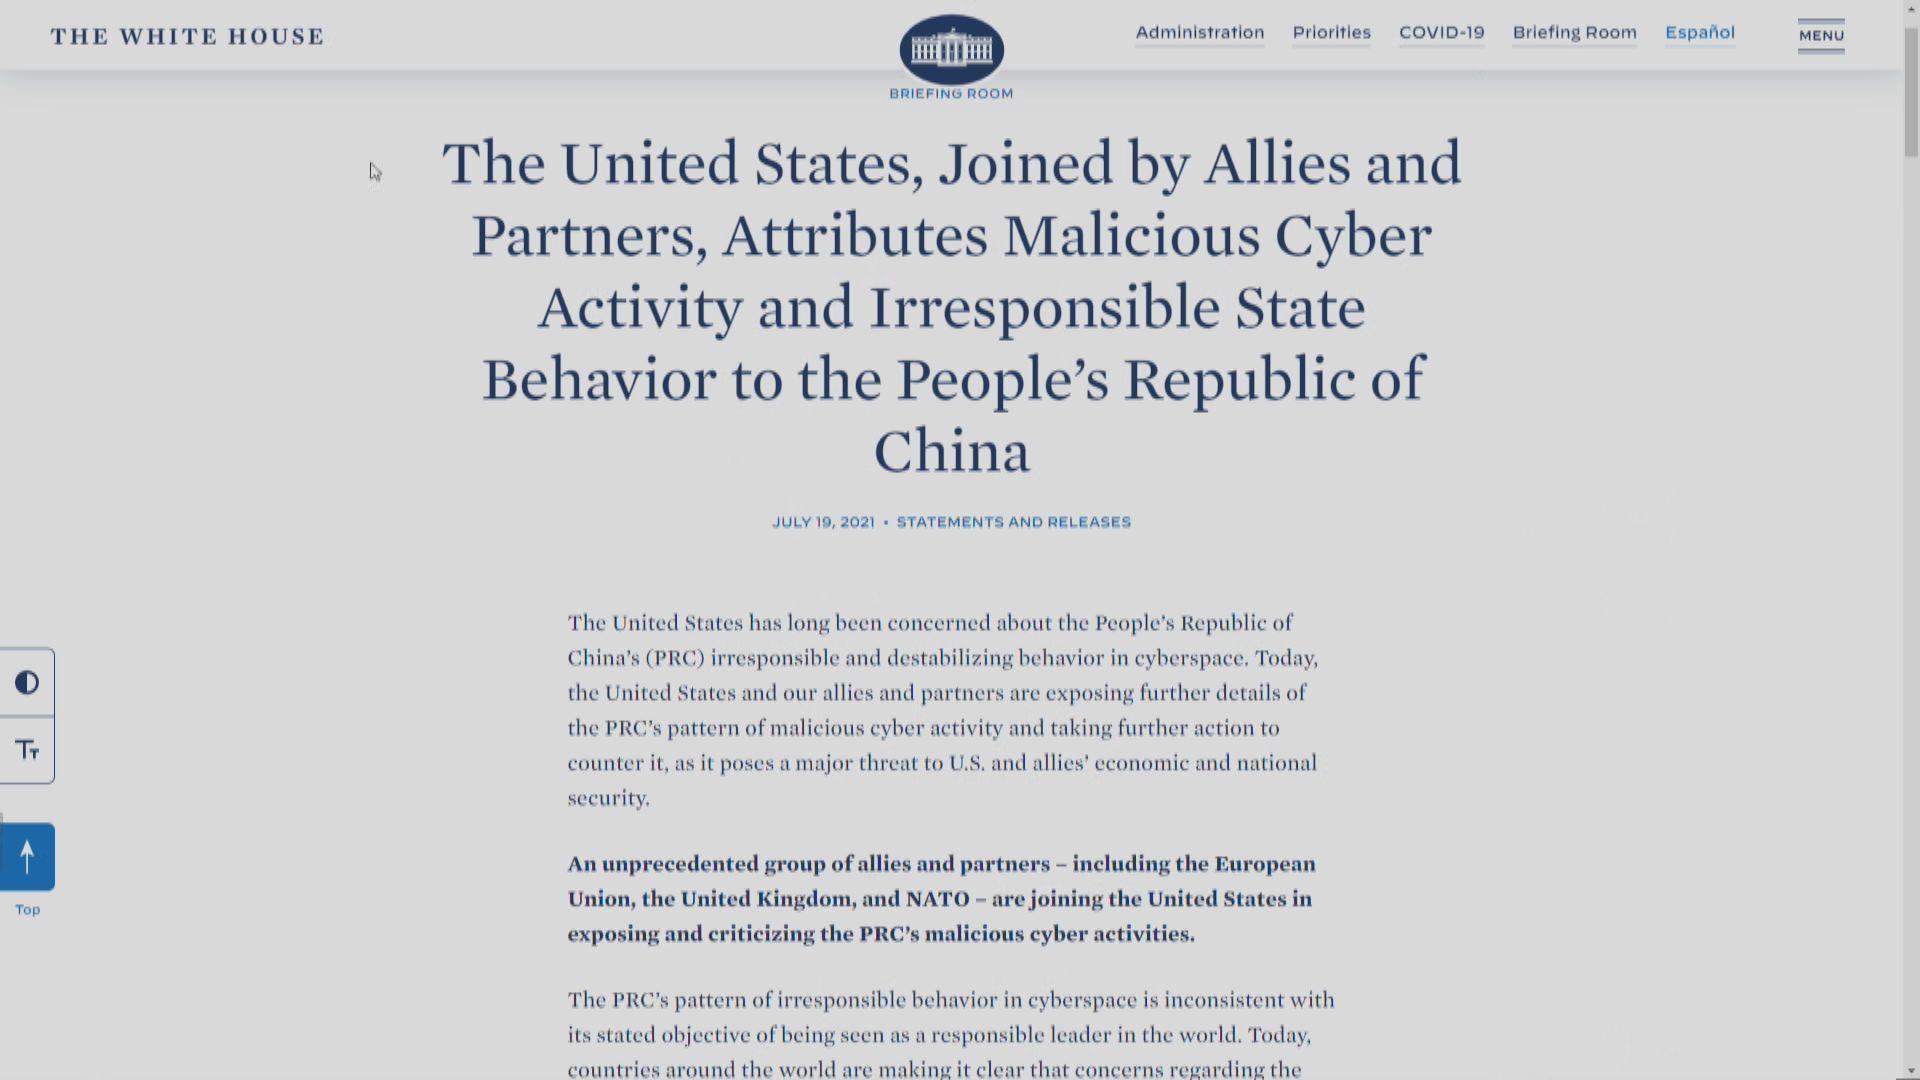 拜登稱相信中國政府為黑客提供保護和便利